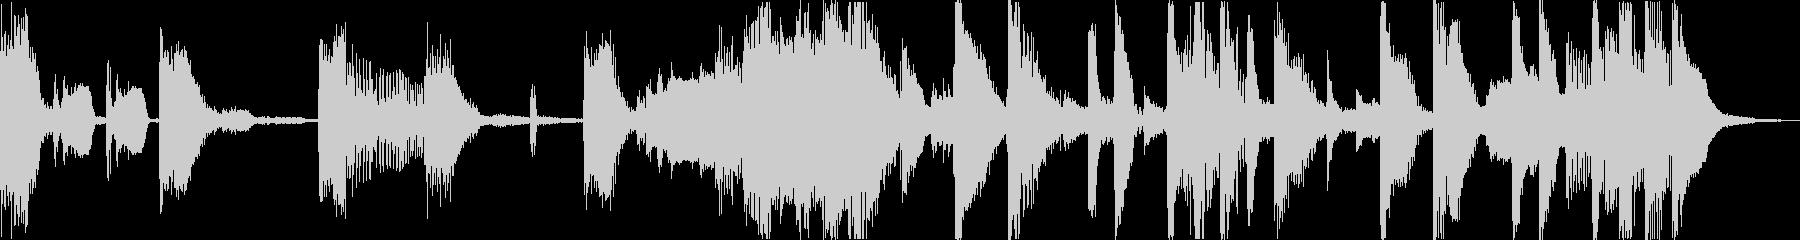 おしゃれ洋楽ヒップホップR&Bソウルeの未再生の波形